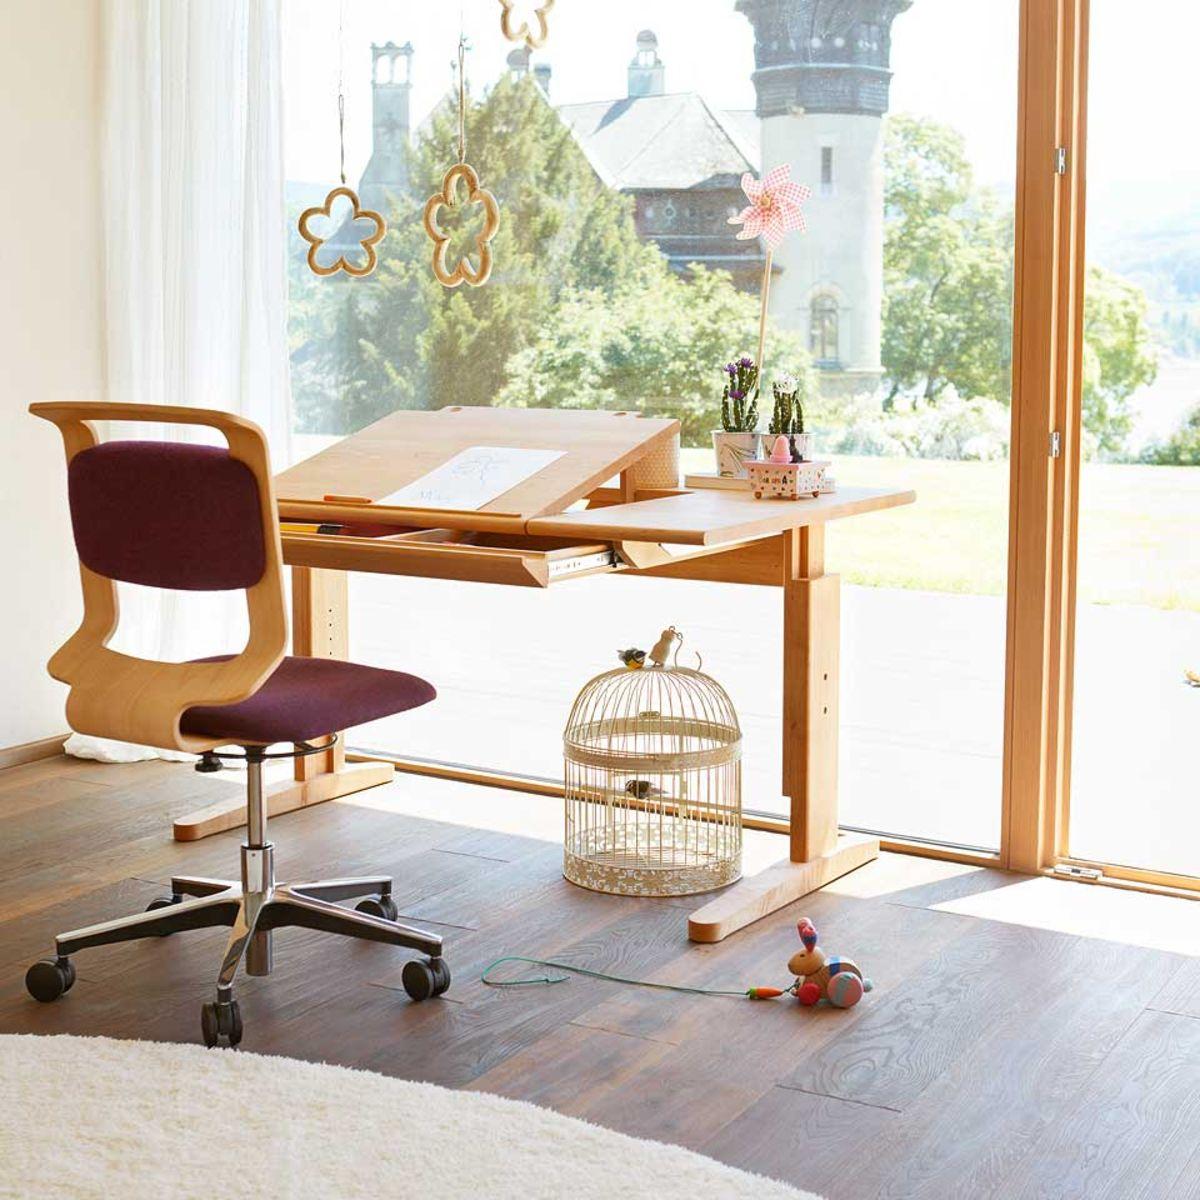 mobile Schreibtisch mit Drehstuhl von TEAM 7 Wien